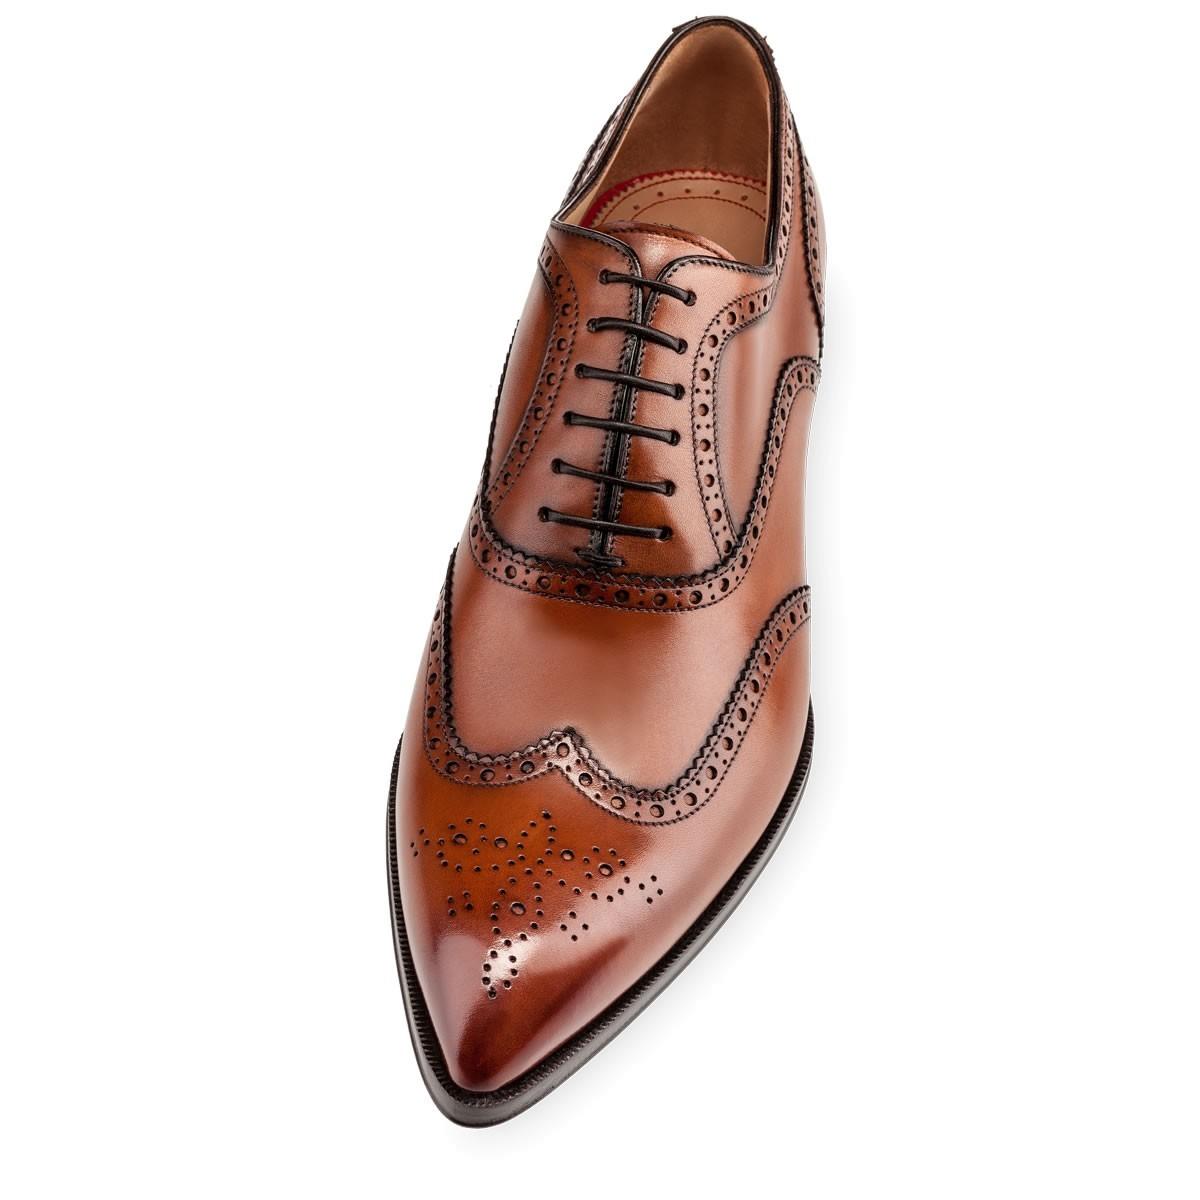 e40bc1c9f6e Red sole | Styleforum